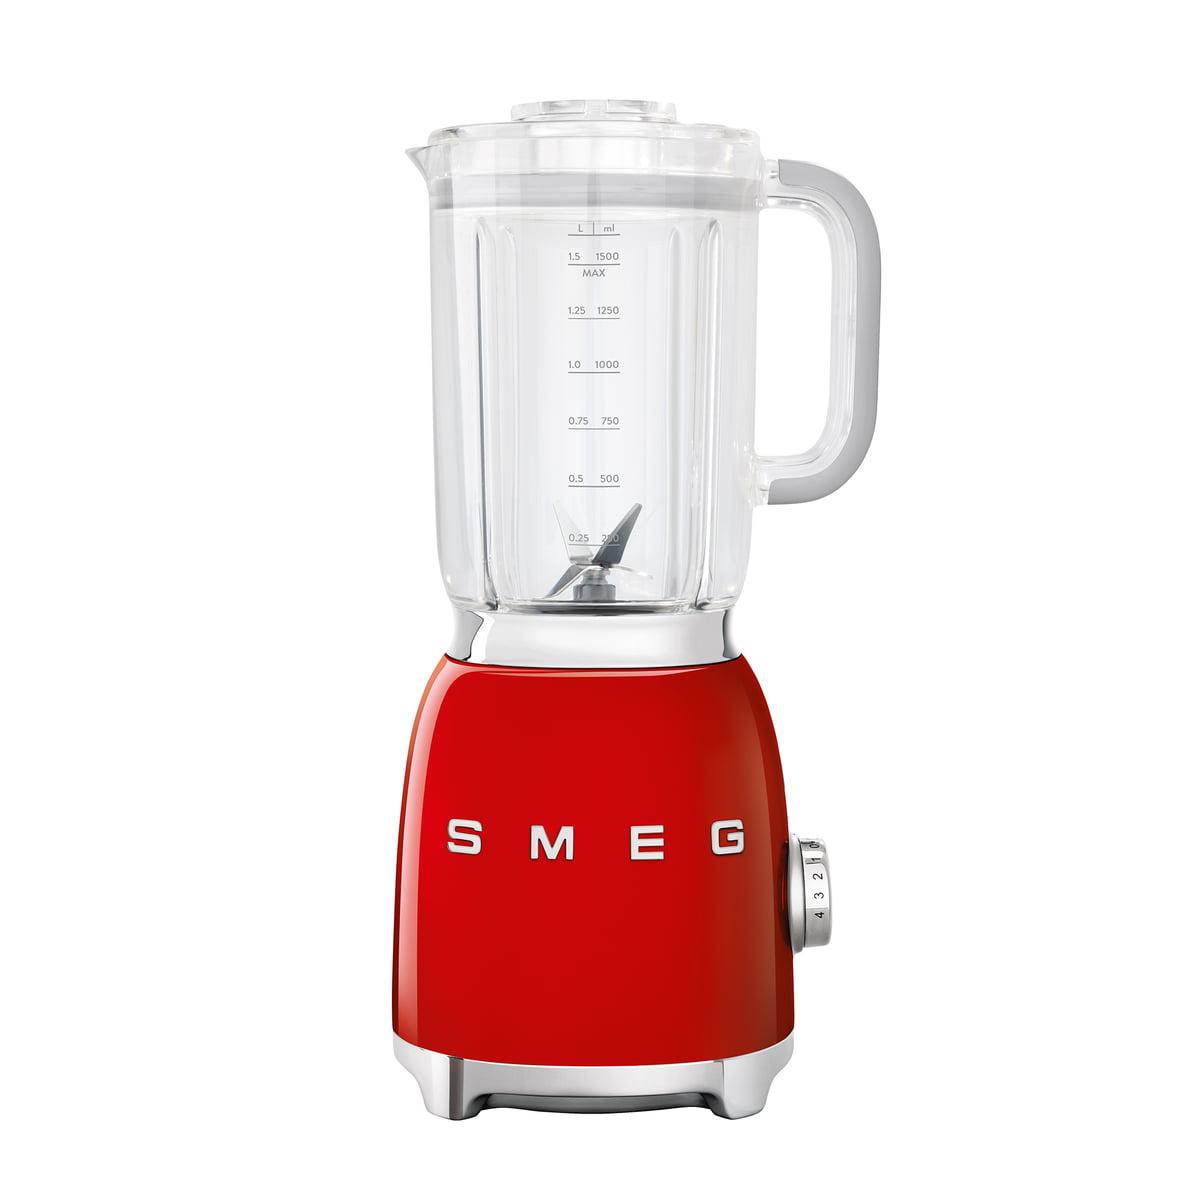 Smeg - Standmixer 1,5 l (BLF01), rot | Küche und Esszimmer > Küchengeräte | Rot | Smeg